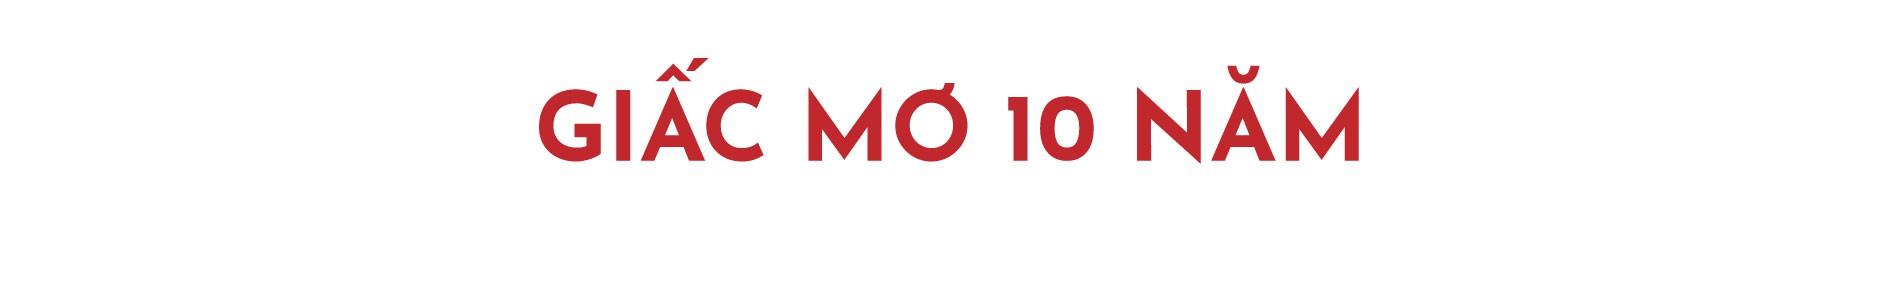 [eMagazine] - Giấc mơ 10 năm bóng đá Việt - Ảnh 10.